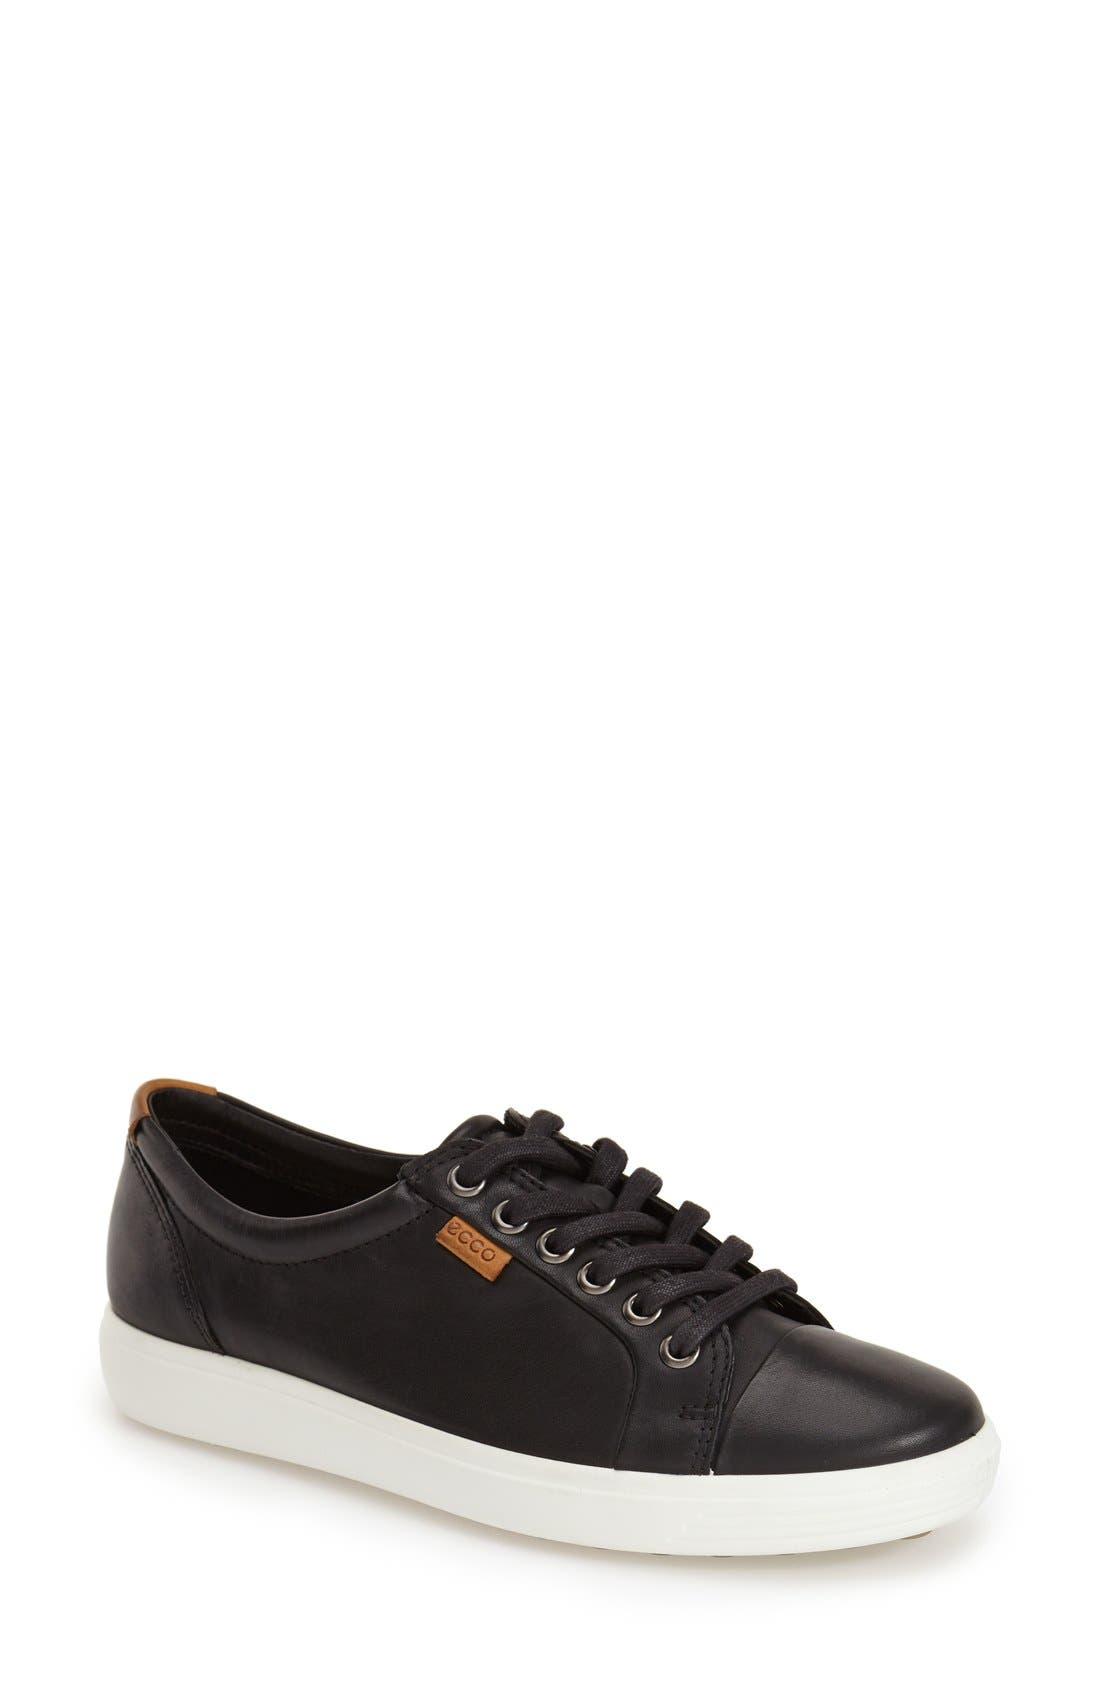 Women's Ecco Soft 7 Sneaker